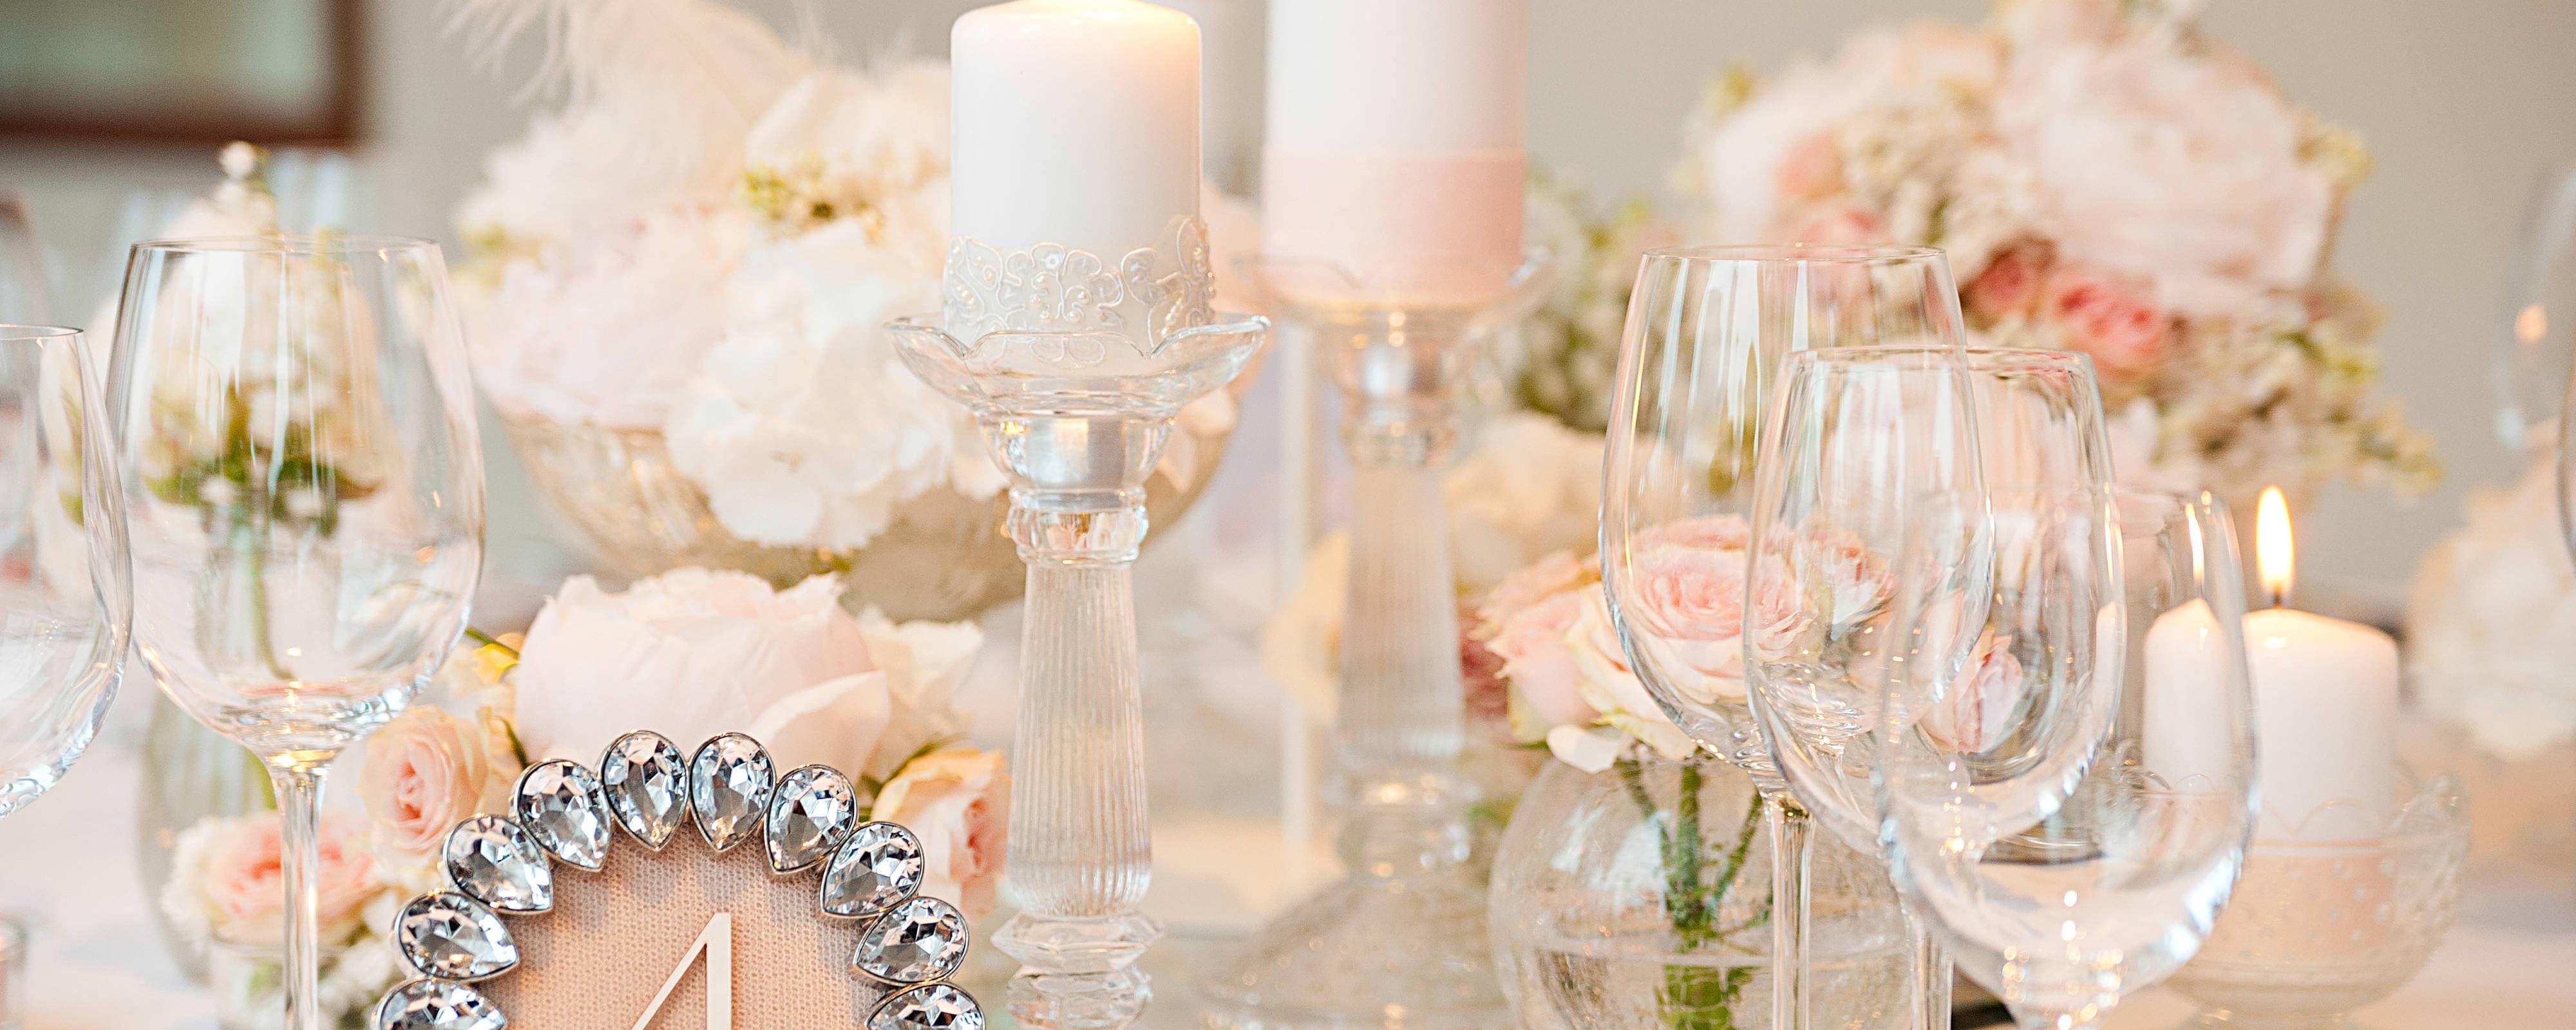 Warsaw Poland Wedding Venues Warsaw Marriott Hotel